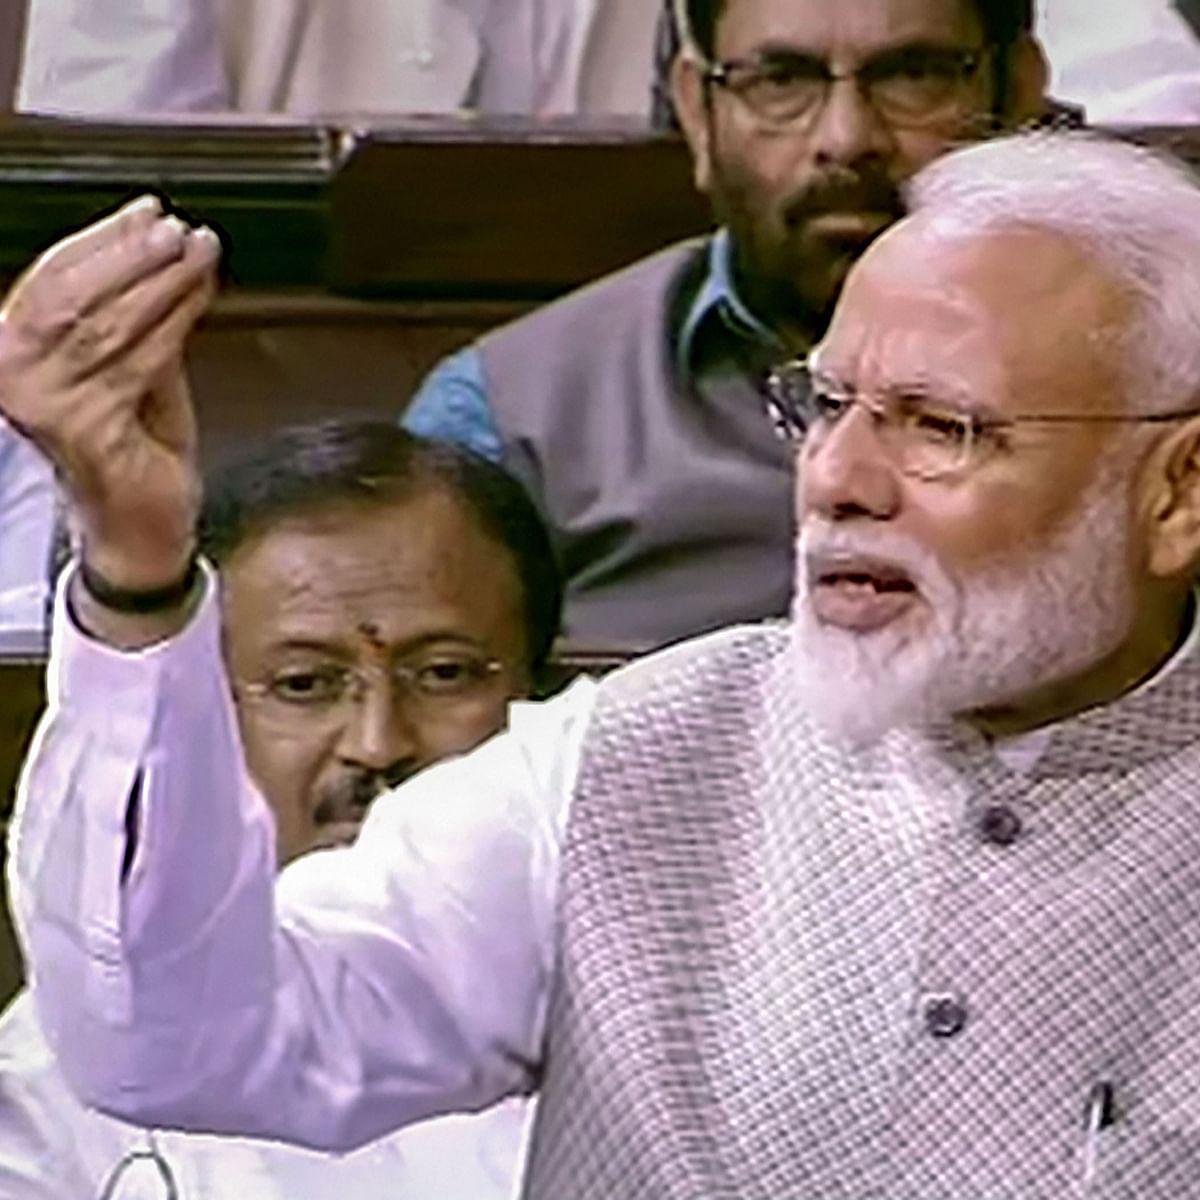 'Does Congress' loss mean India's loss': PM Modi in Rajya Sabha